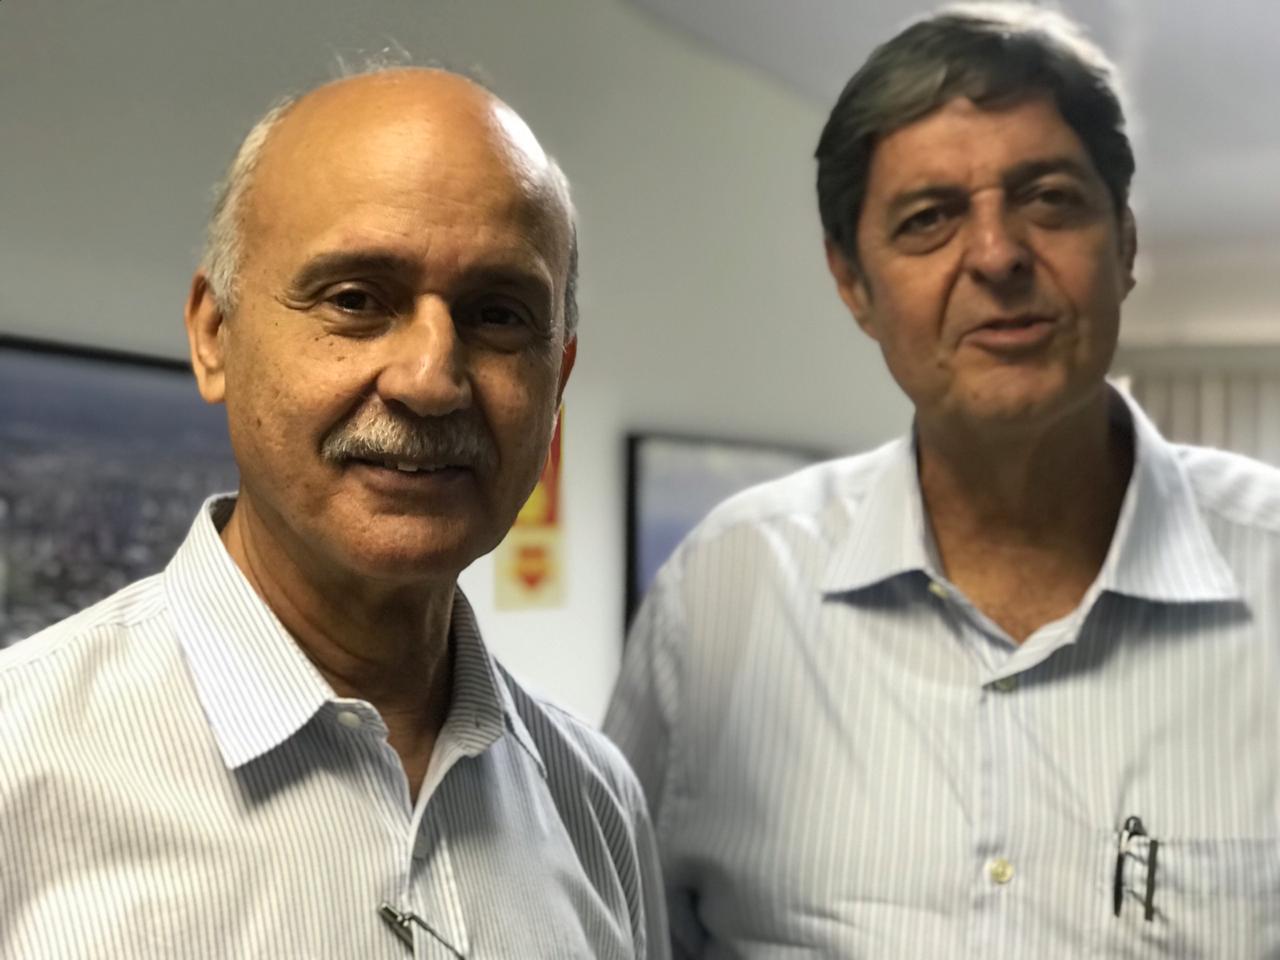 No Auditório da sede do SINDAÇÚCAR/PE, o Presidente Renato Cunha recebe Pedro Robério do SINDAÇÚCAR/AL e outras representações do setor,</br> para a fundação da Associação de Produtores de Açúcar, Etanol e Bionergia - NOVABIO, dia 01/abril/2019